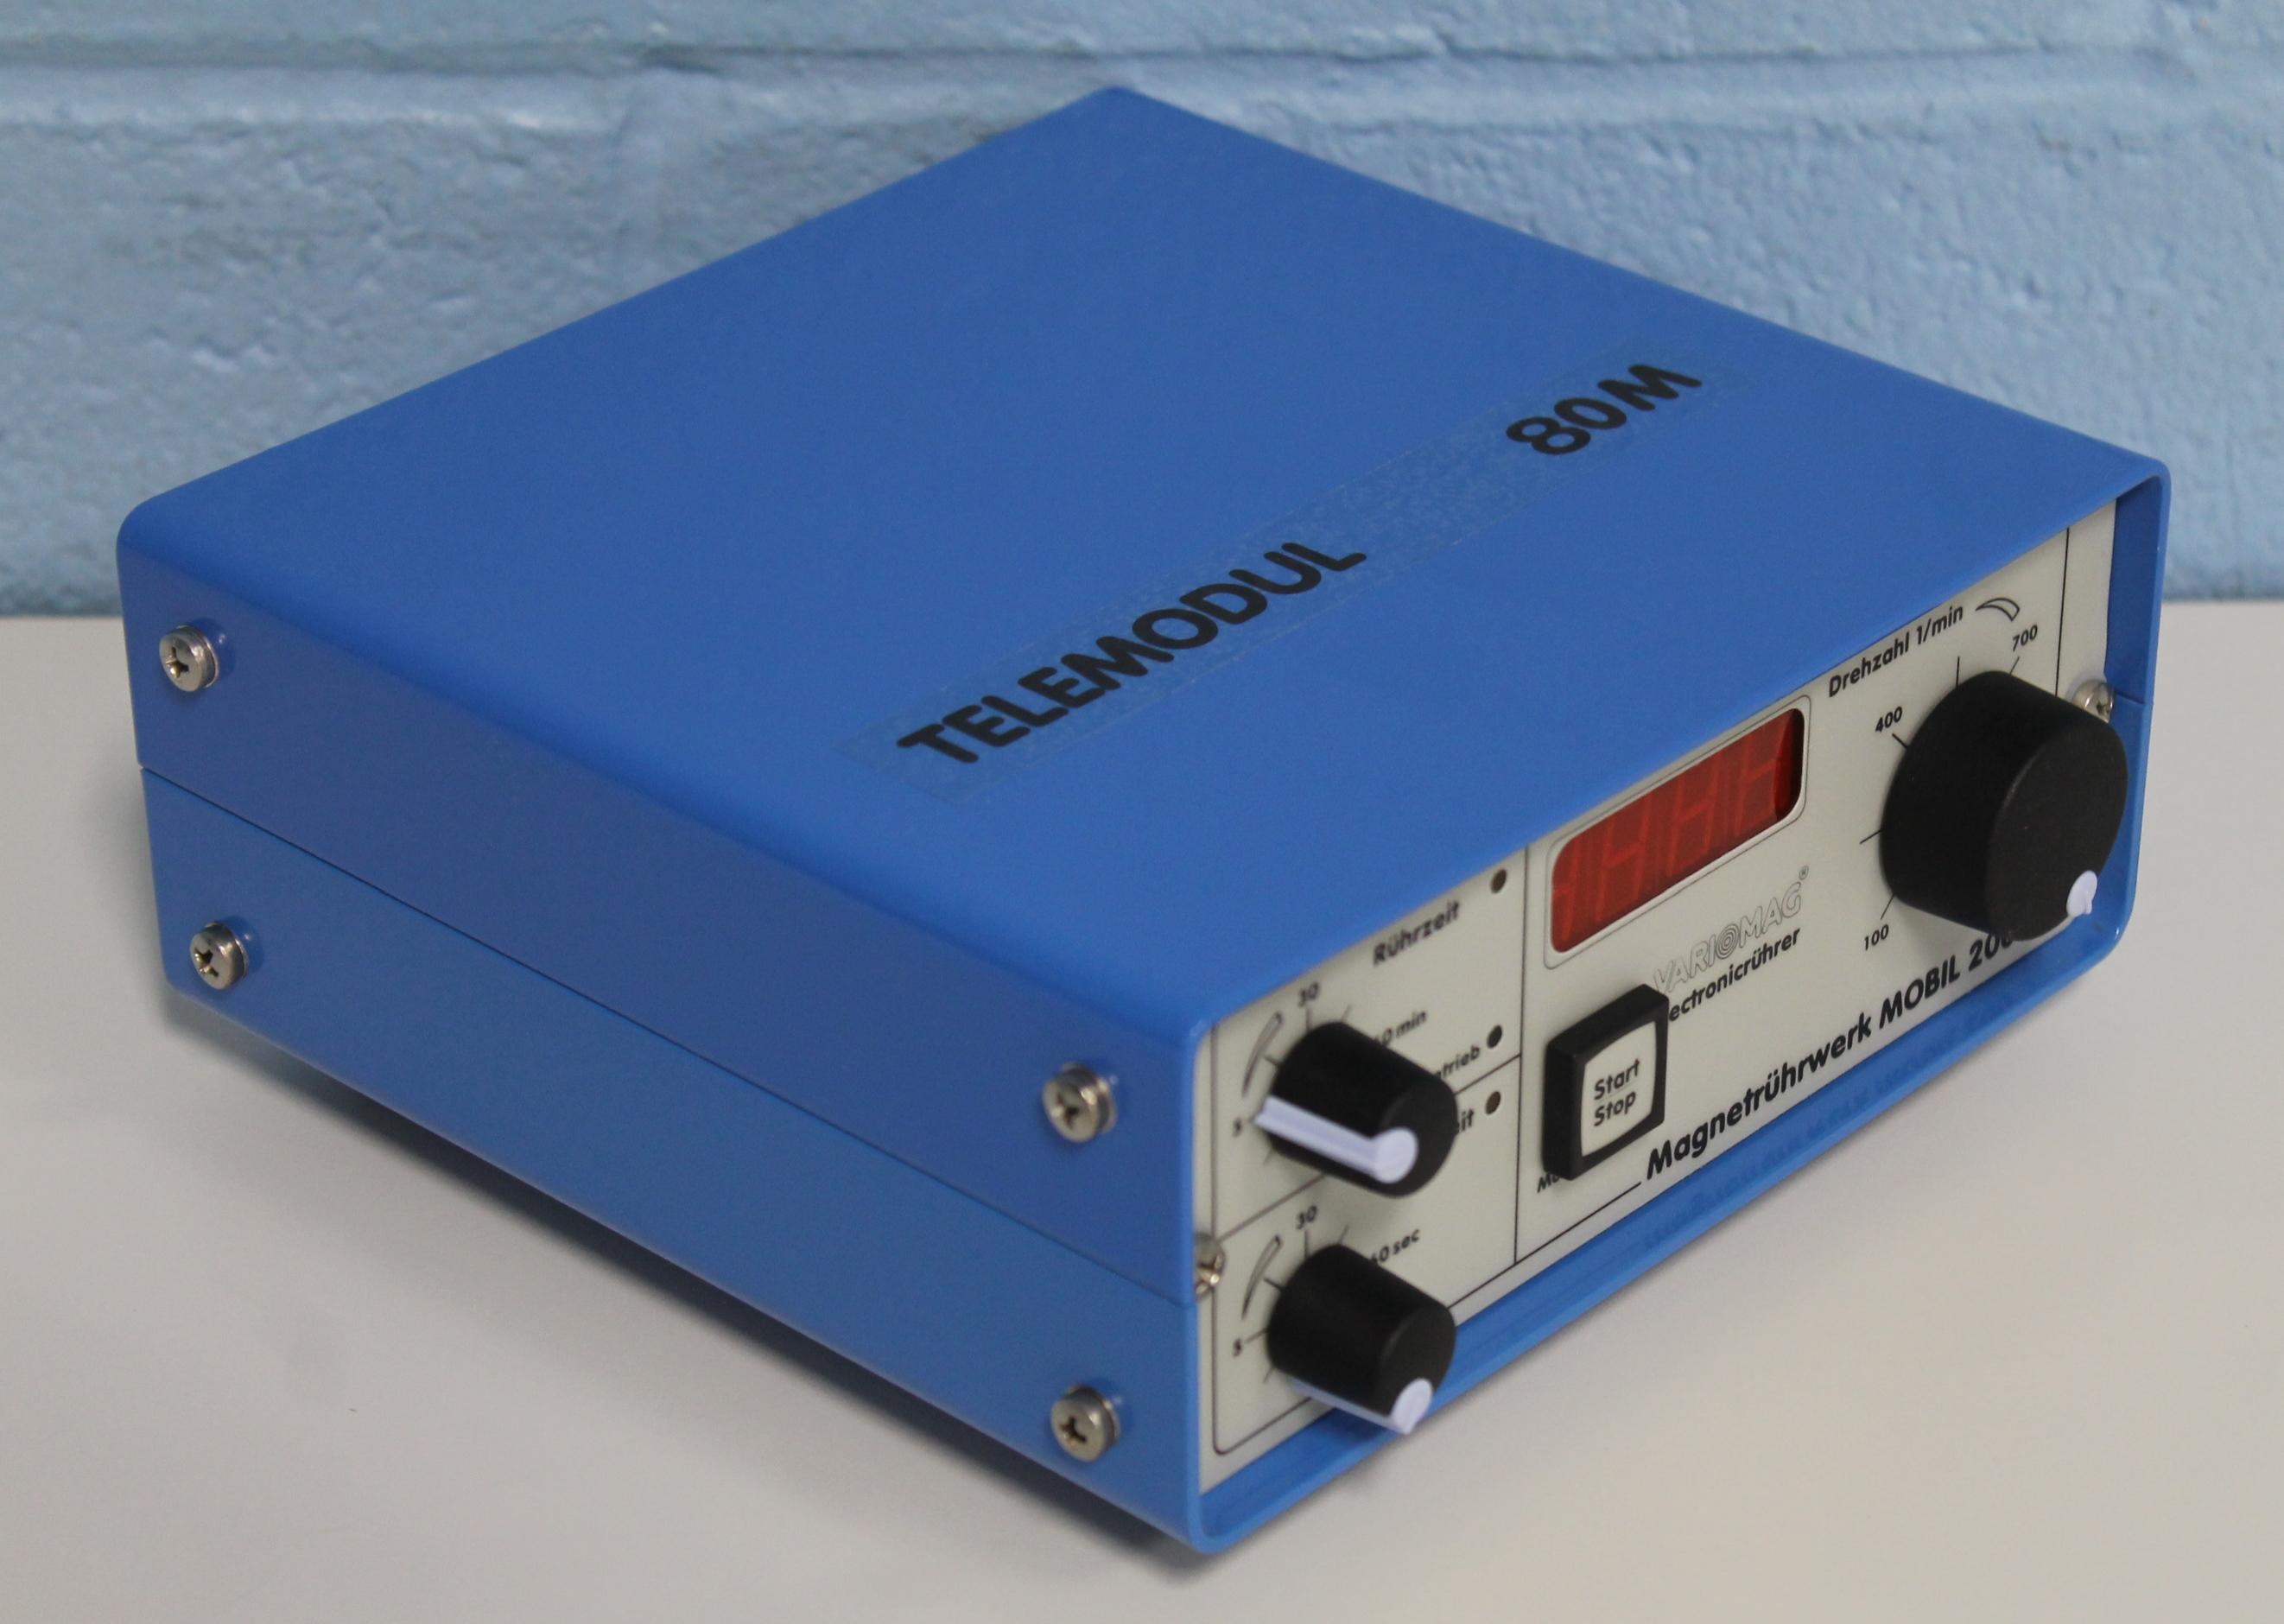 Refurbished Variomag Control Unit Telemodule 80 M 80 Watt